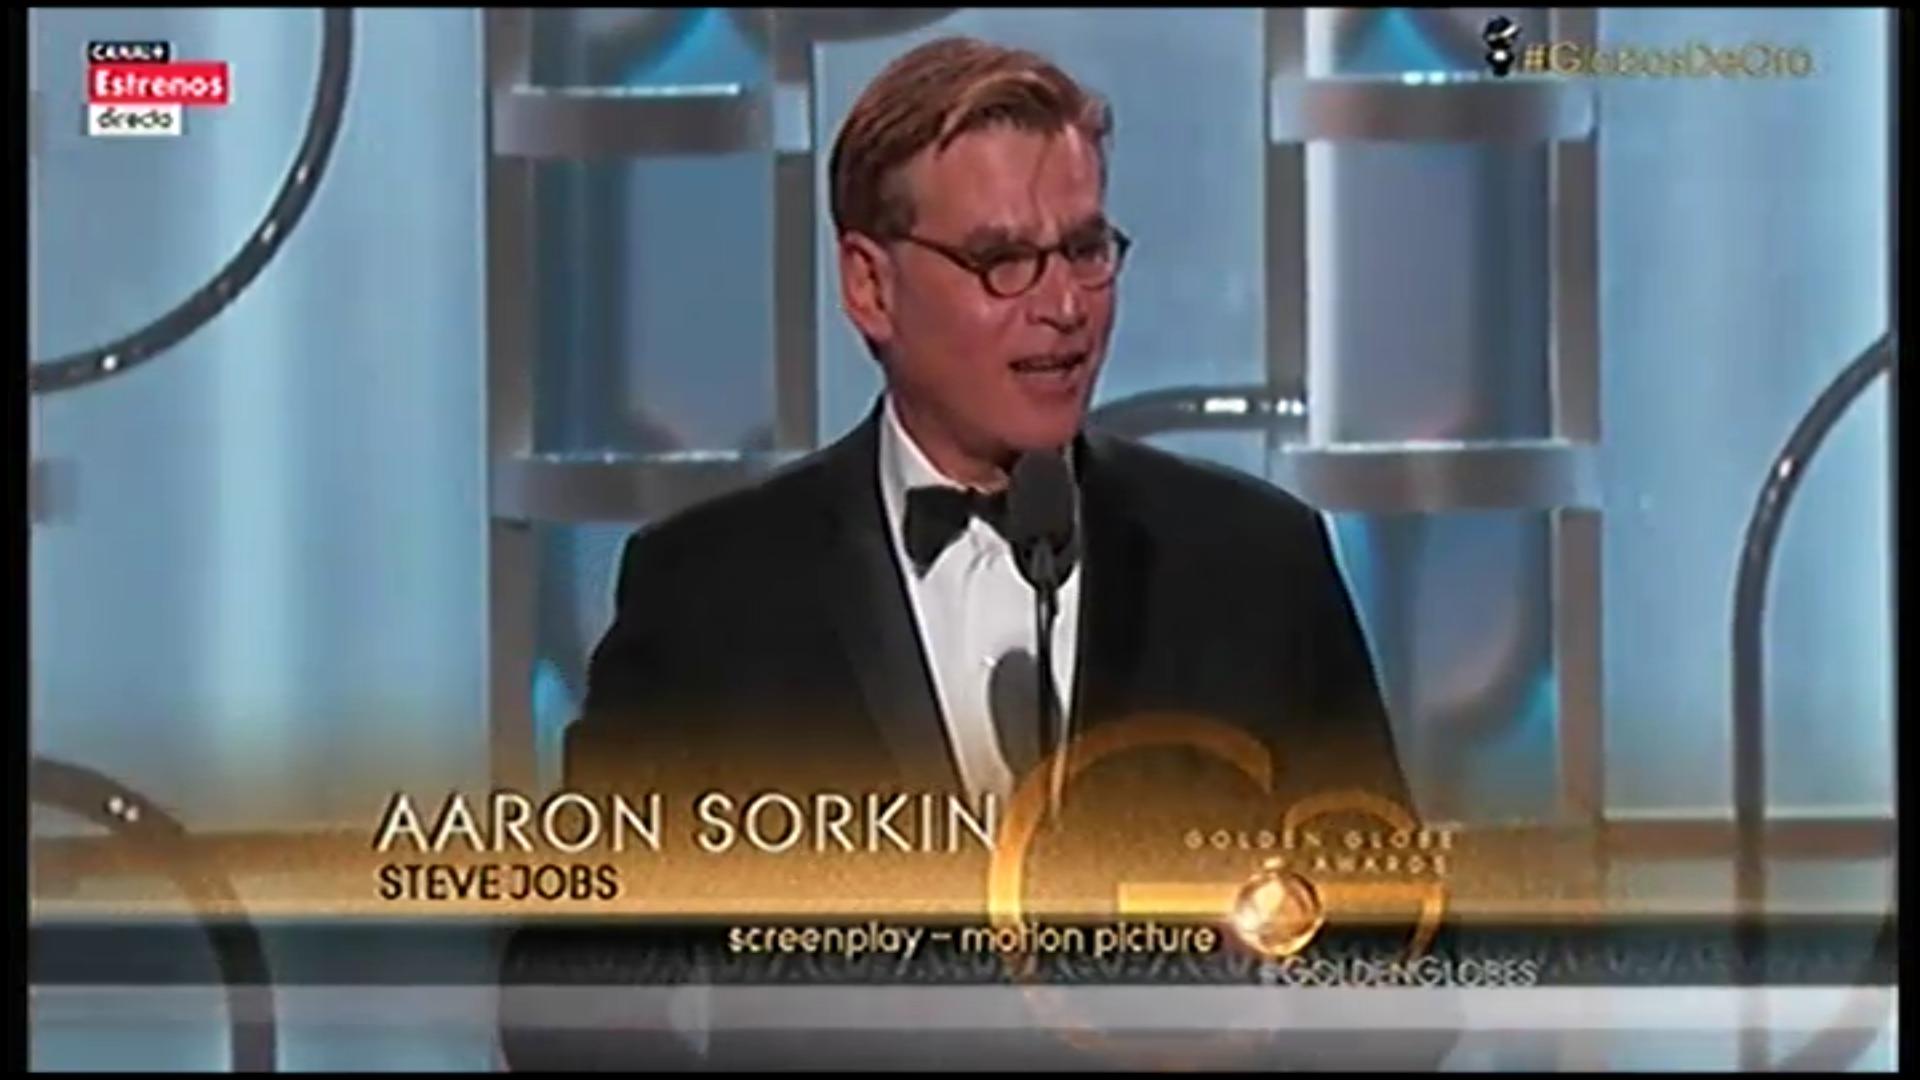 El guionista Aaron Sorkin recogiendo su segundo Globo de Oro, por 'Steve Jobs'